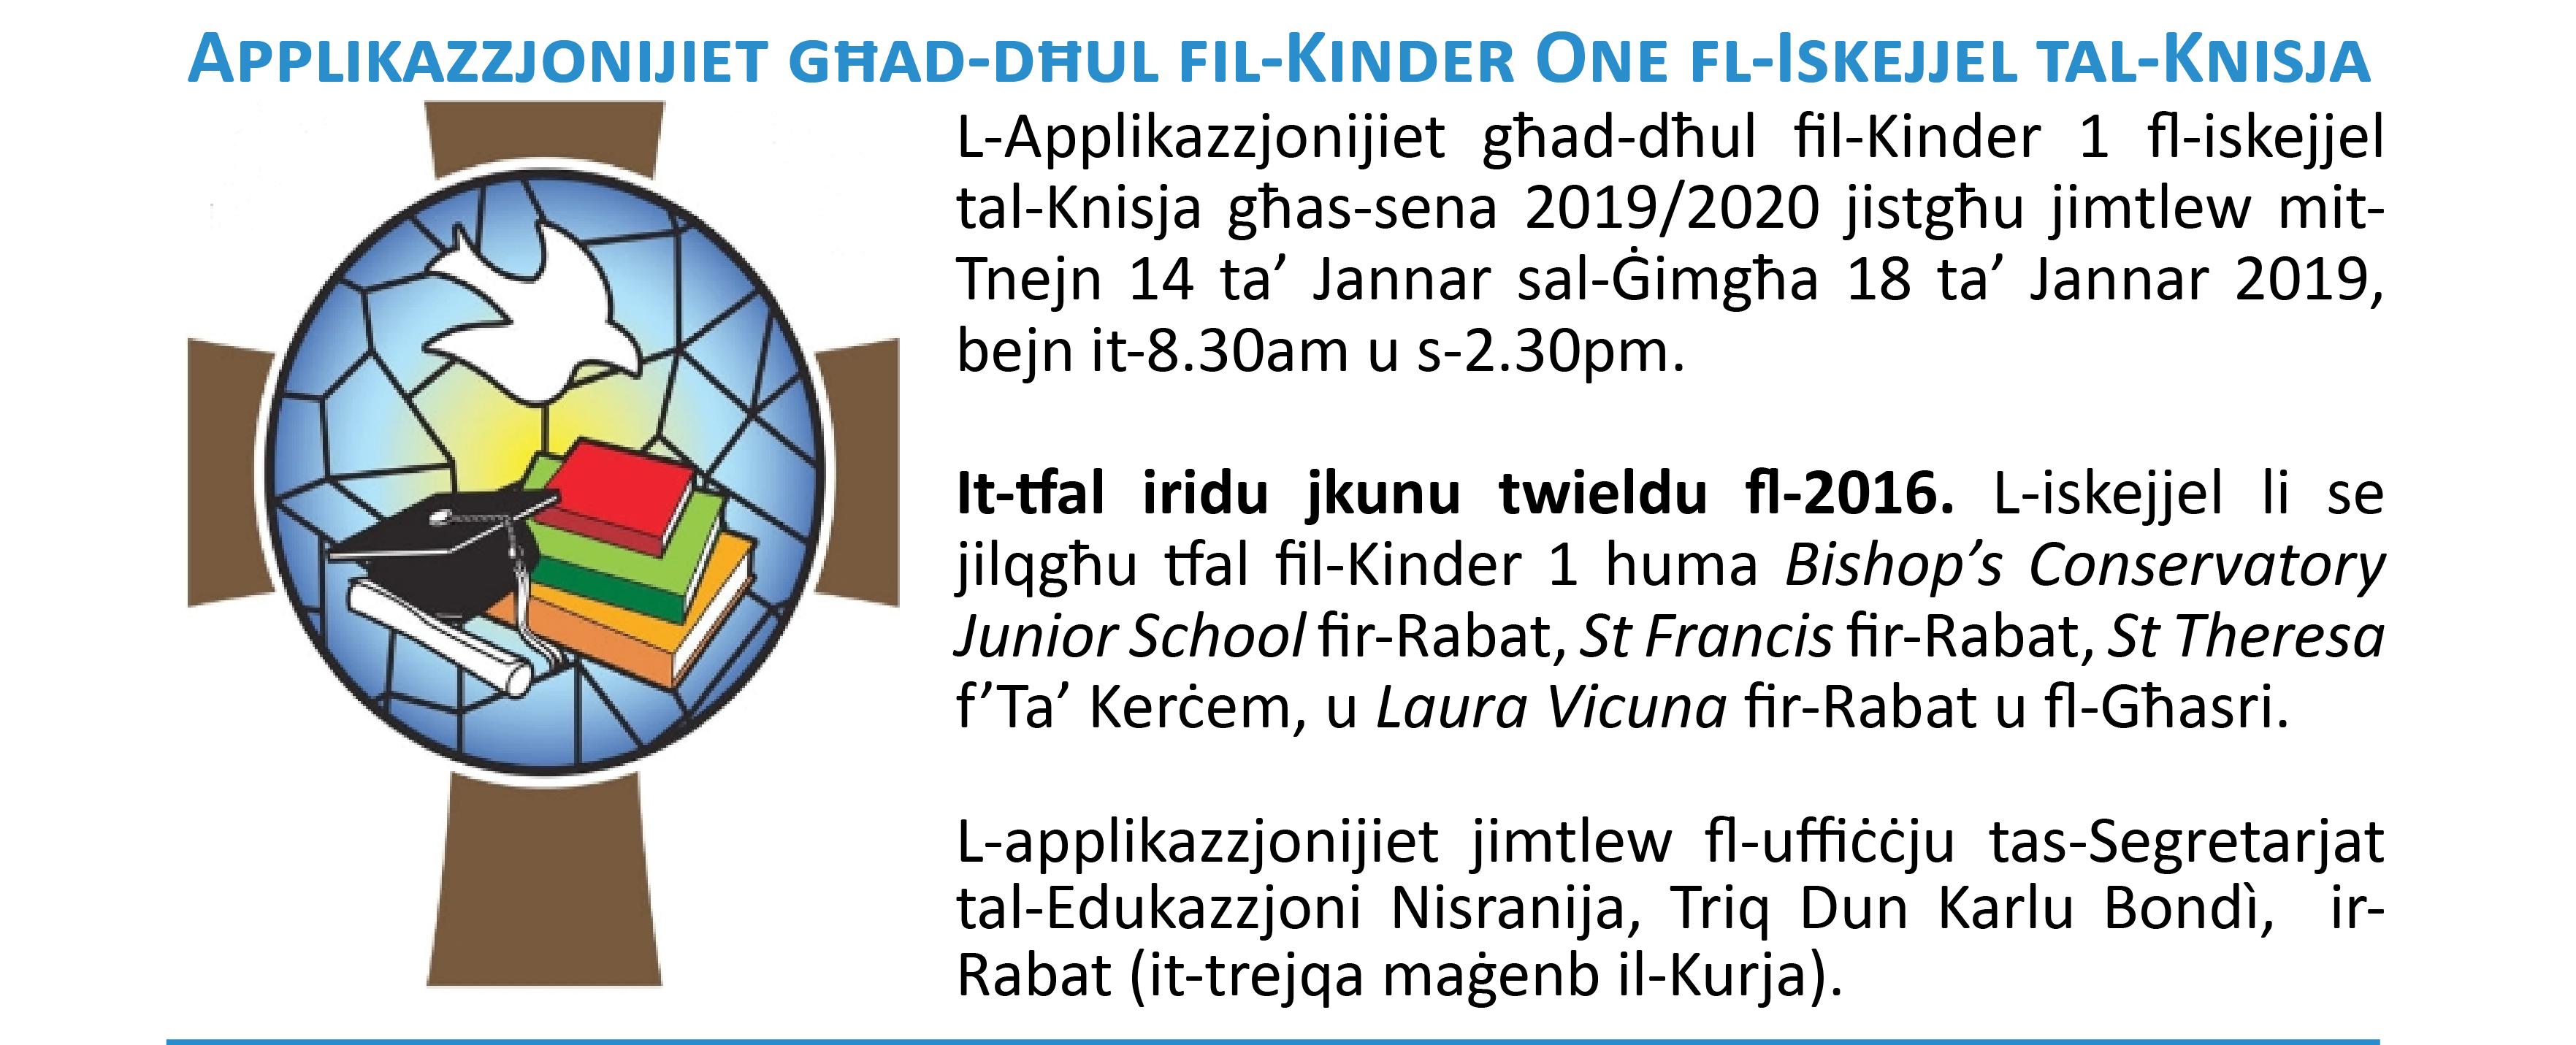 dhul-fil-kinder-1-fl-iskejjel-tal-knisja-fghawdex.png